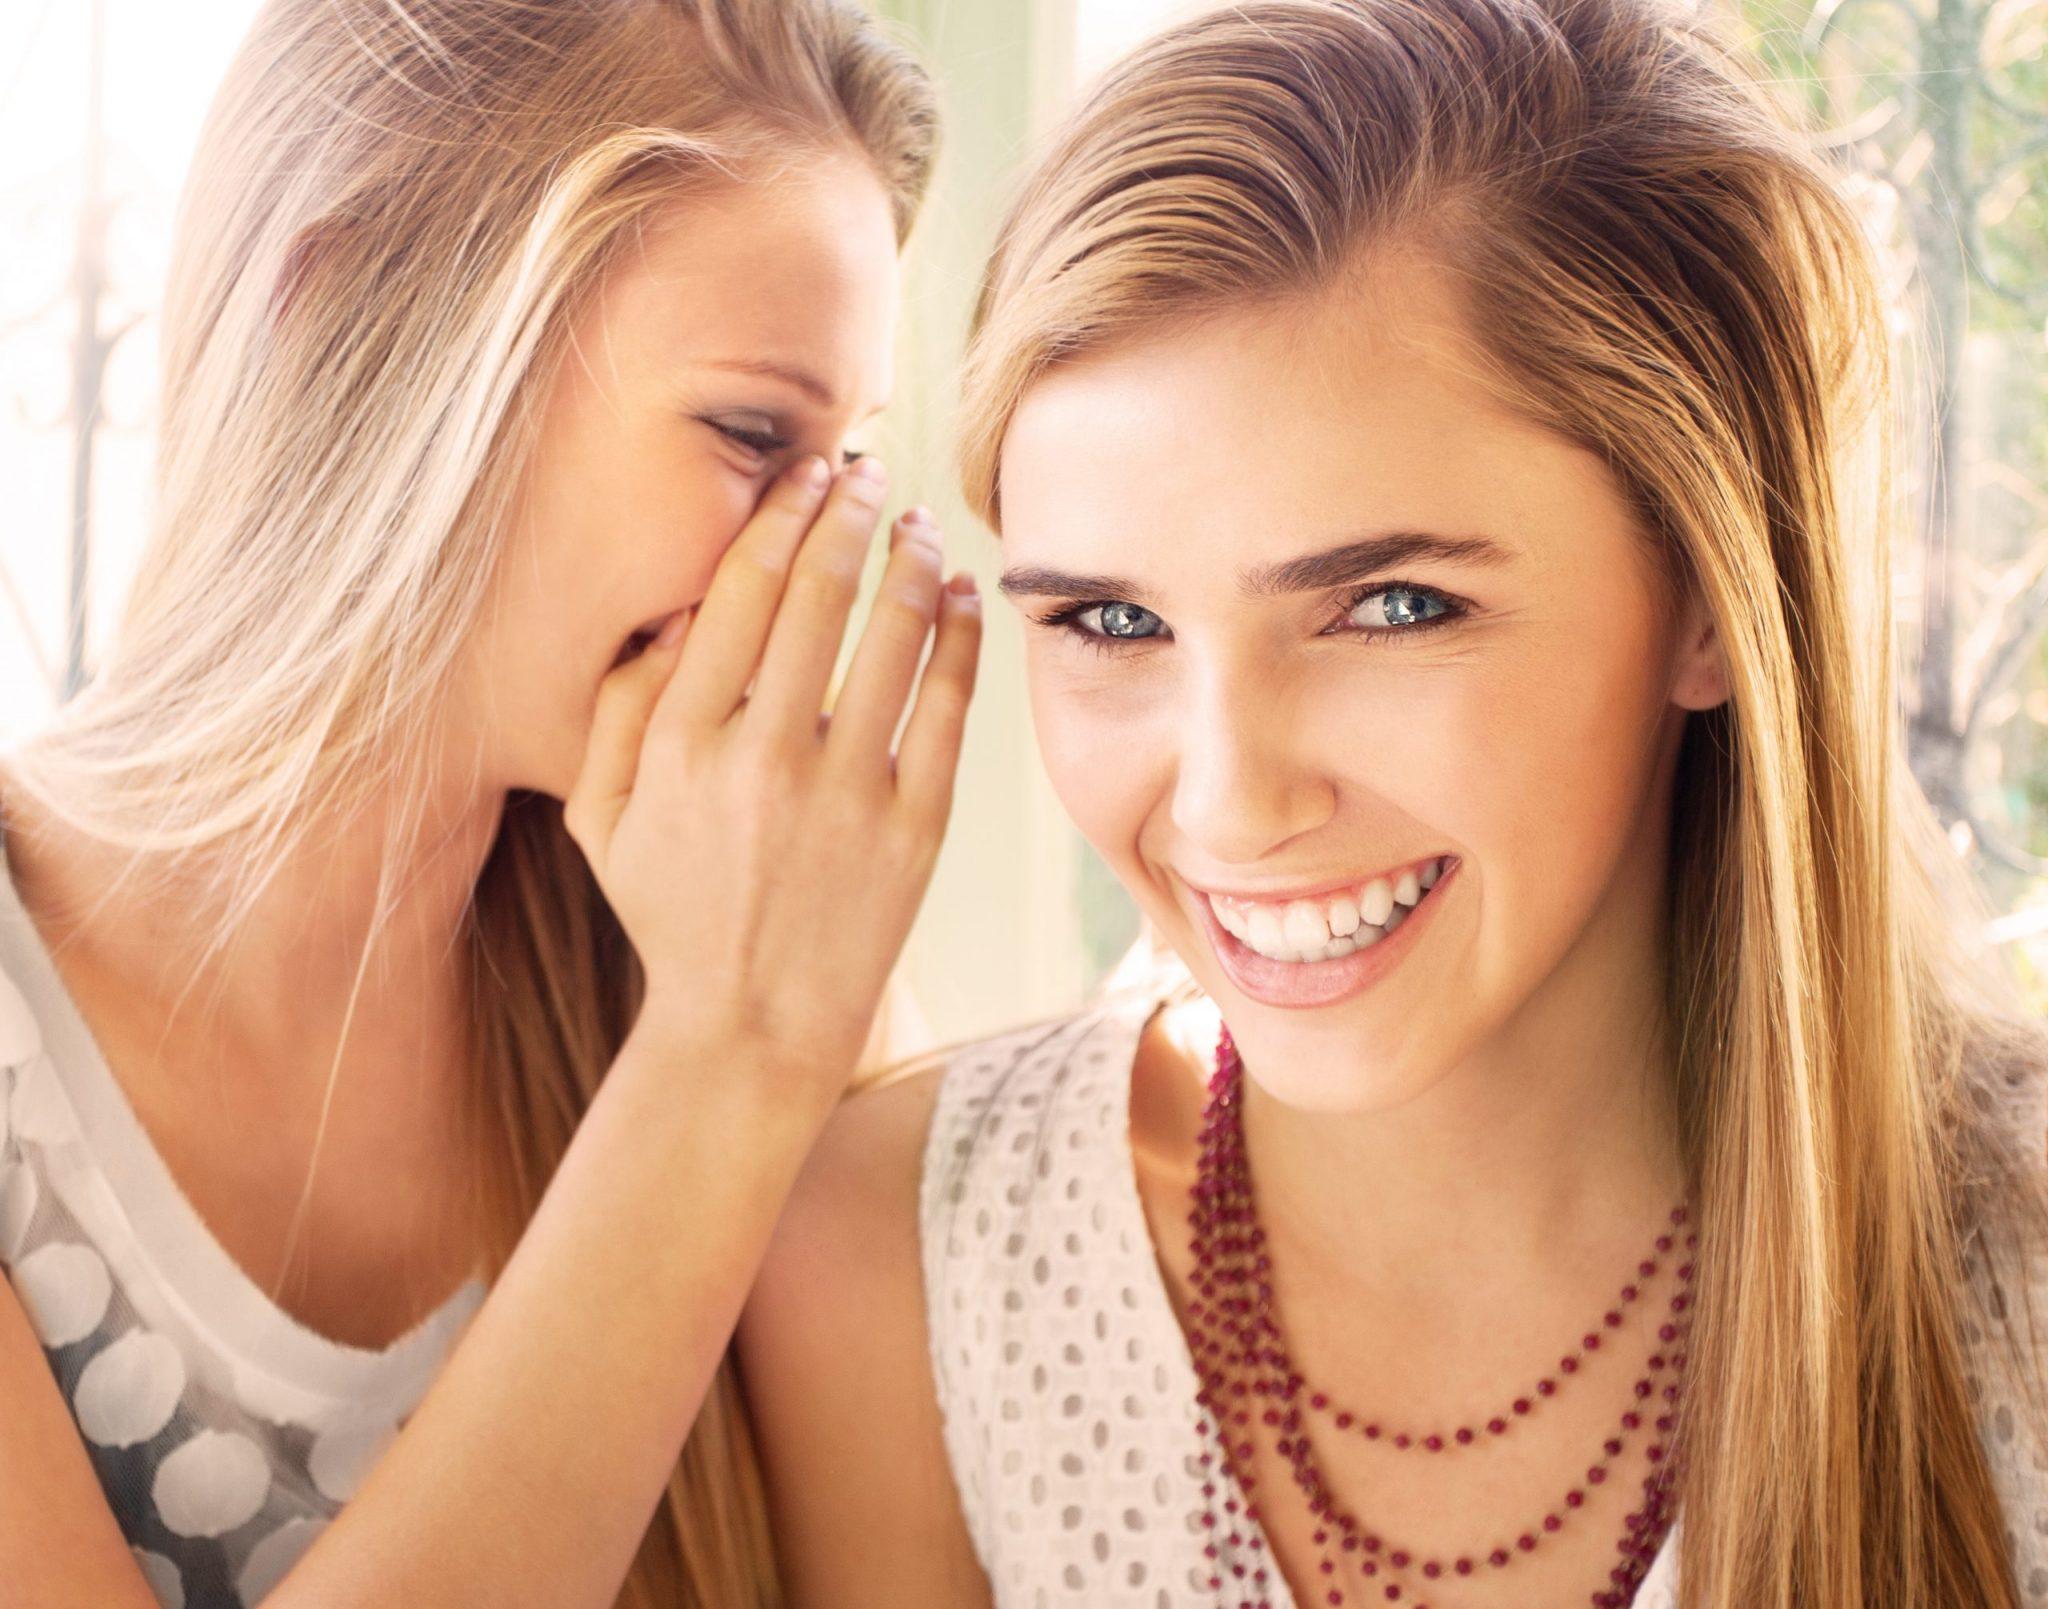 Factori declanșatori și cauze ale acneei